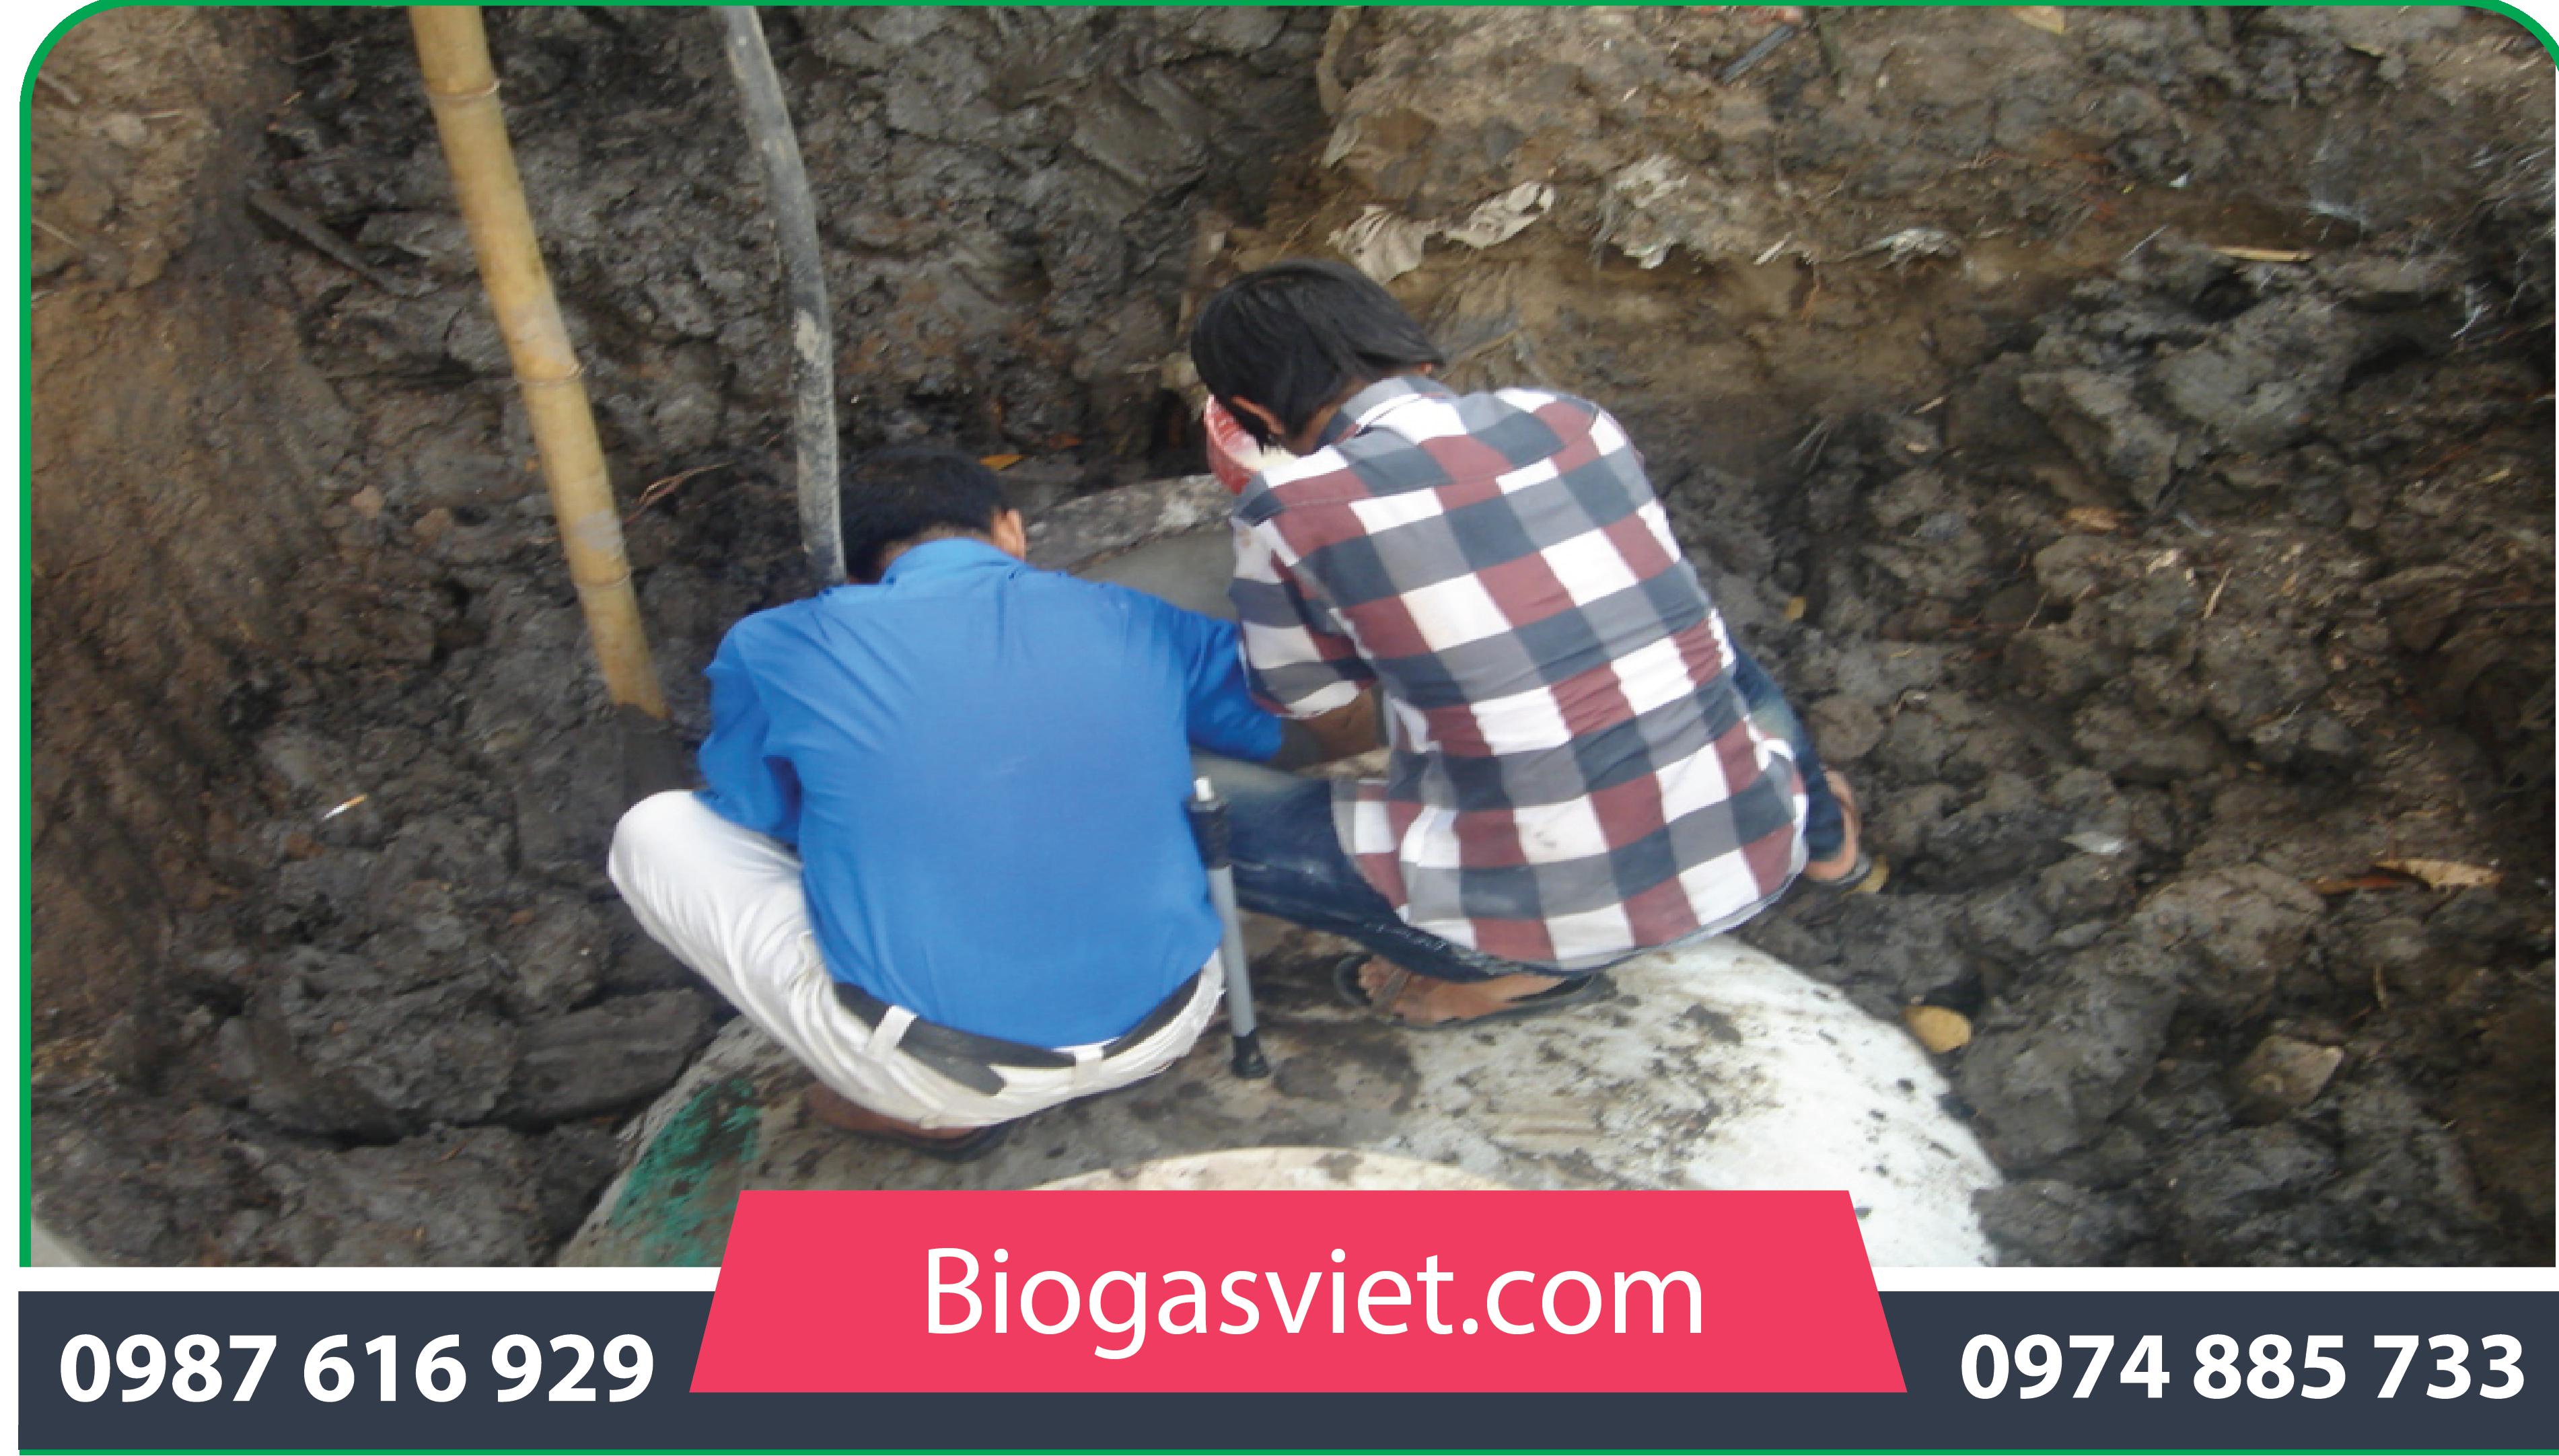 Đầu tư lắp đặt hầm biogas composite đã mang lại những lợi ích gì?